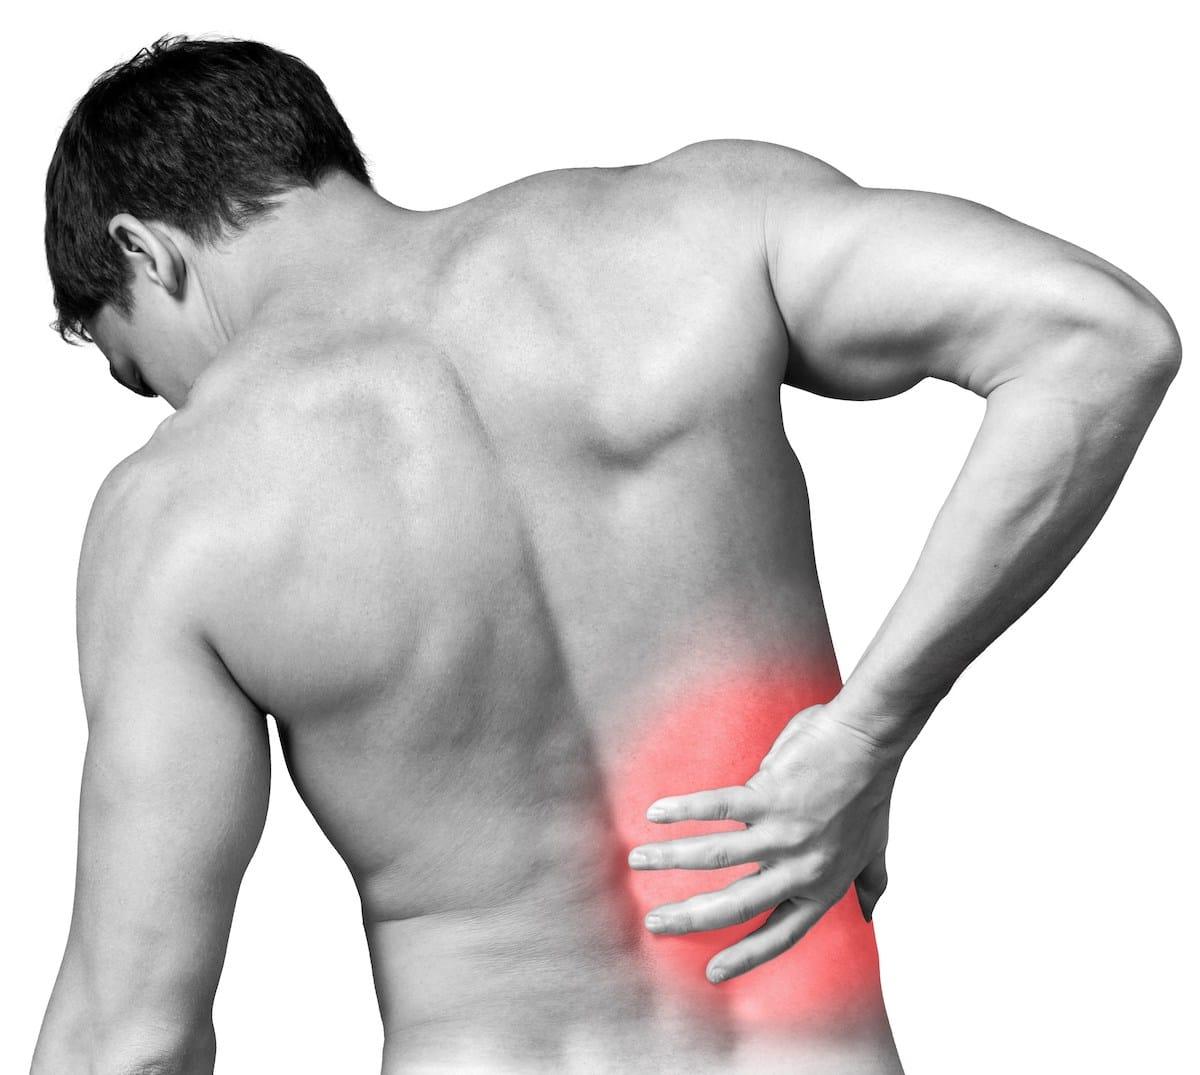 Боль в пояснице (почечная колика)